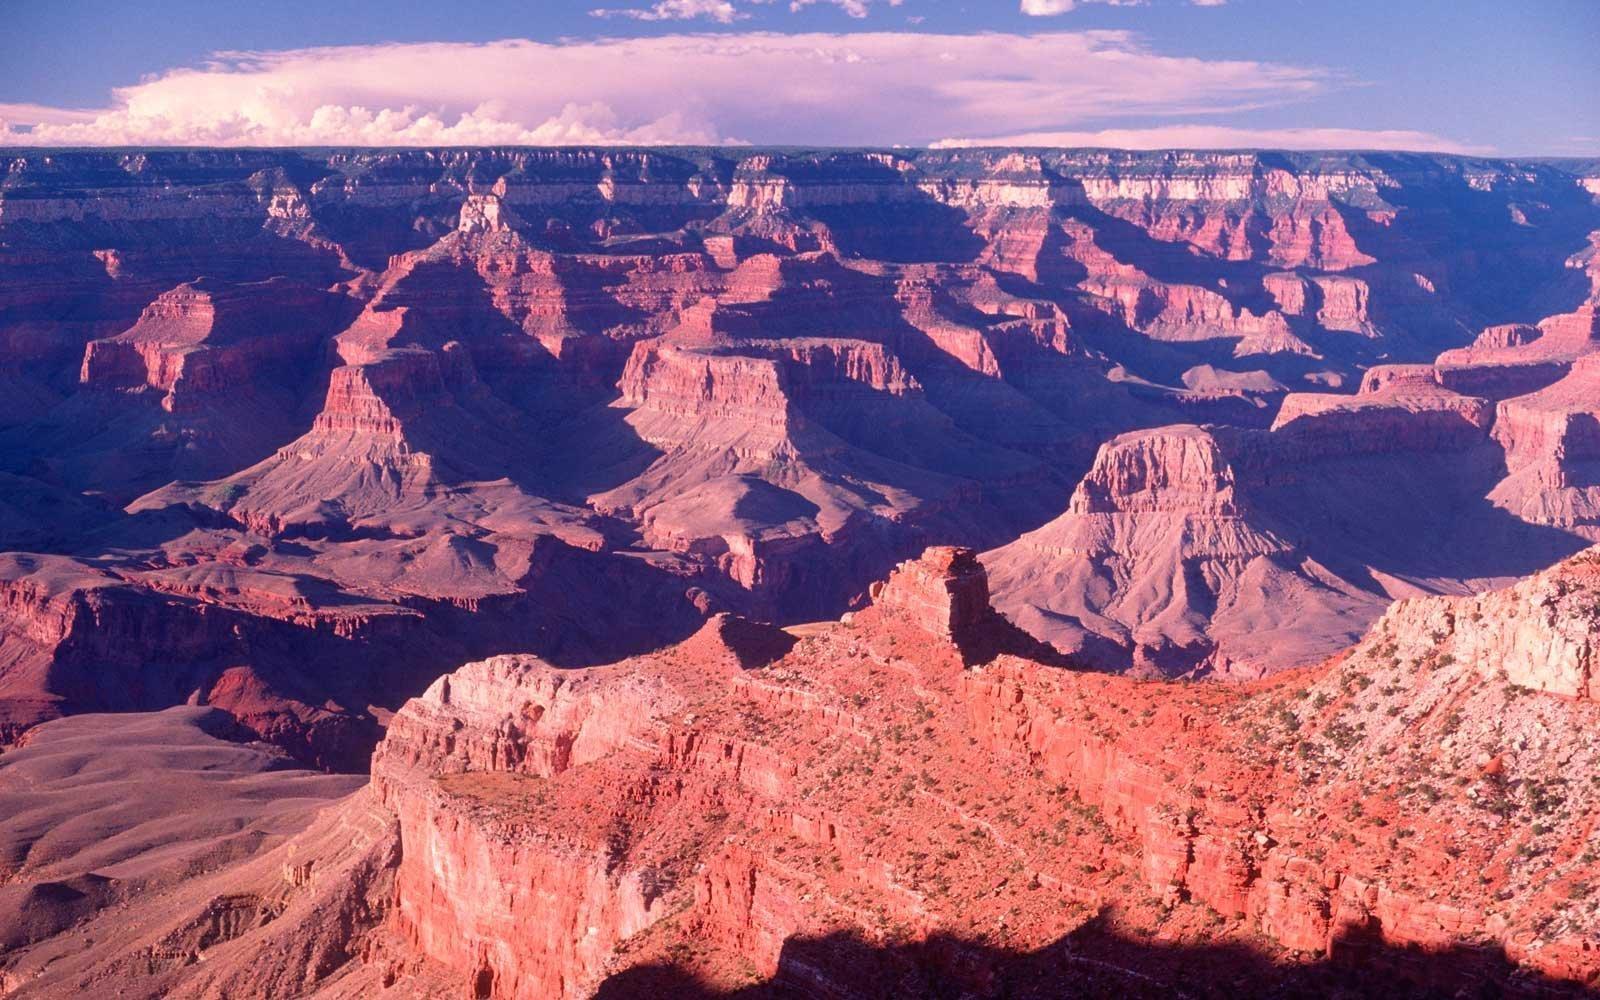 Conheça os 5 melhores destinos de férias para fazer fotos incríveis